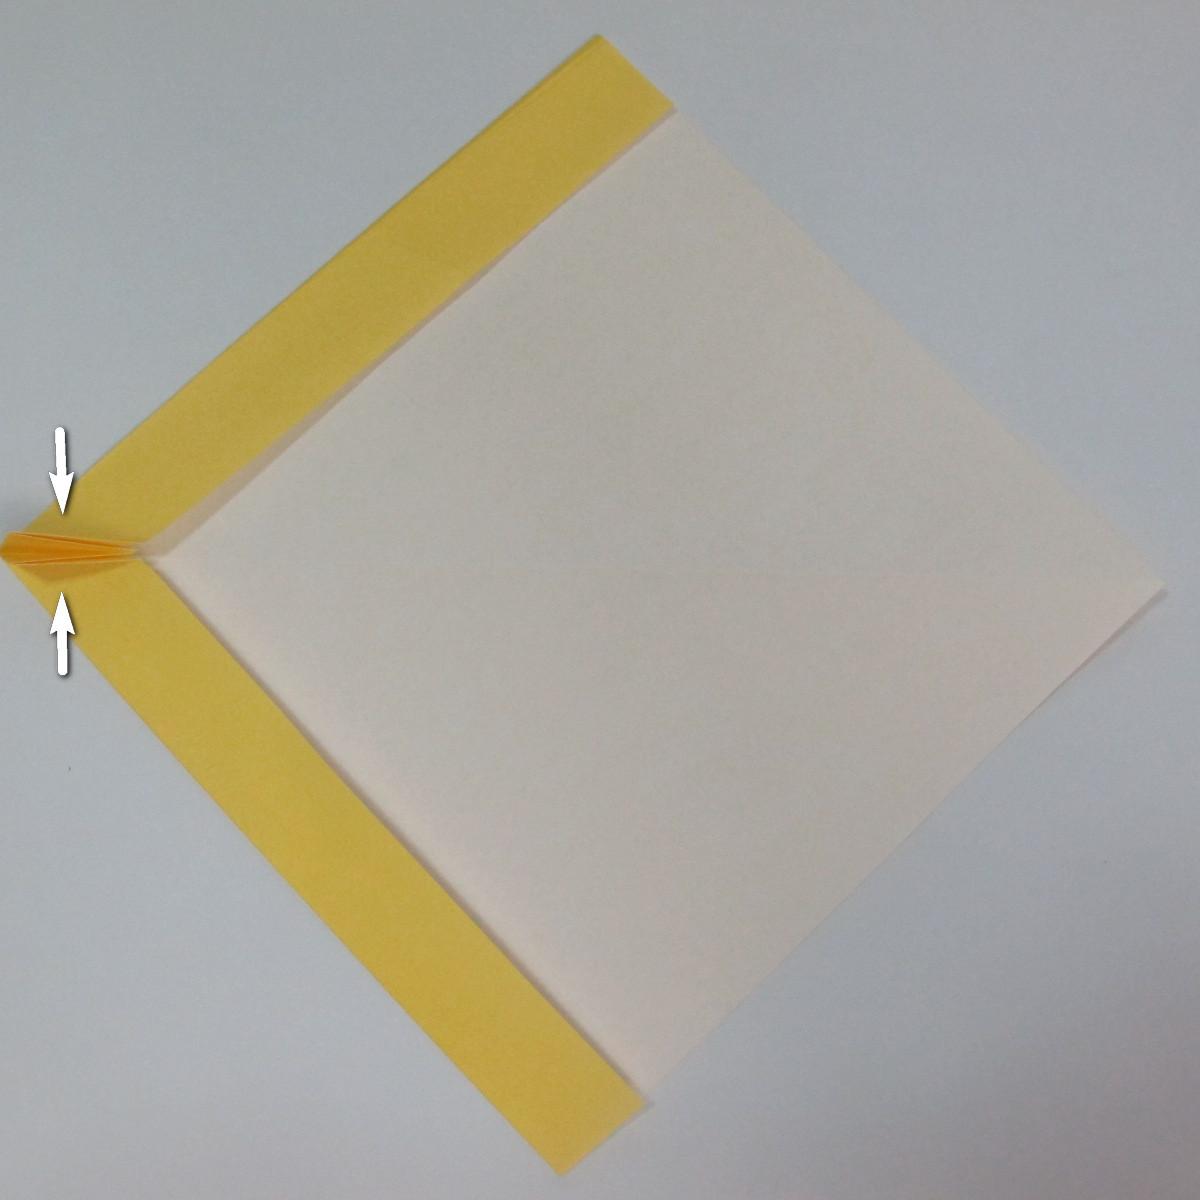 สอนวิธีพับกระดาษเป็นรูปลูกสุนัขยืนสองขา แบบของพอล ฟราสโก้ (Down Boy Dog Origami) 023